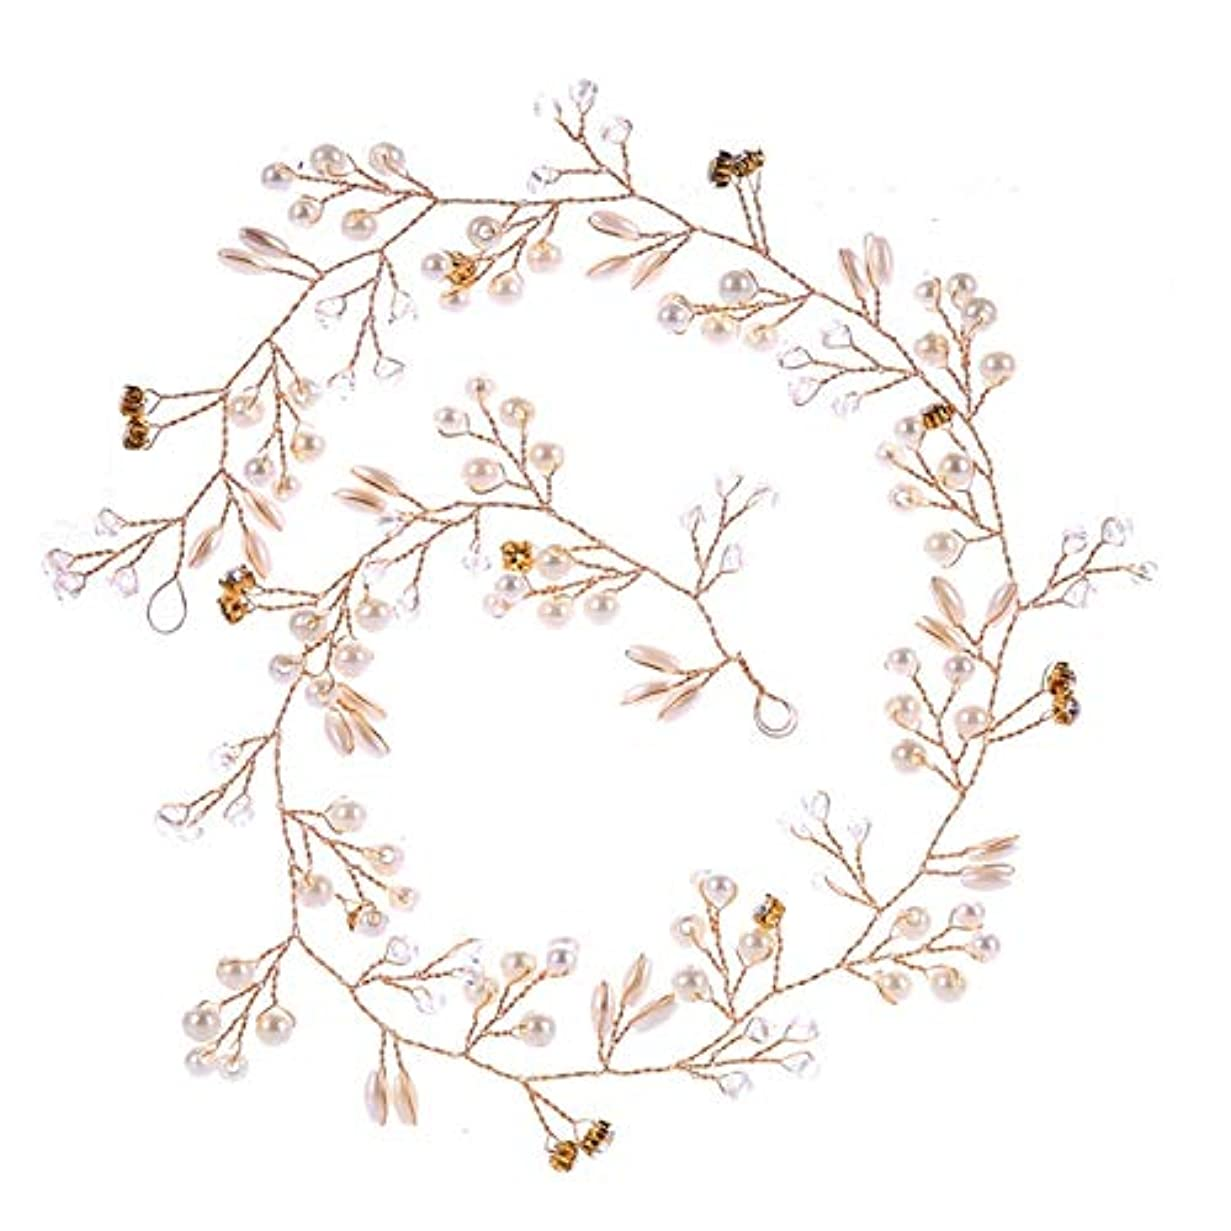 強風セミナートチの実の木Hairpinheair YHM 50センチ結婚式のファッションヘッドドレス花嫁手作りの結婚式の王冠花パールヘアアクセサリーヘアピンの装飾品(ゴールド) (色 : Gold)